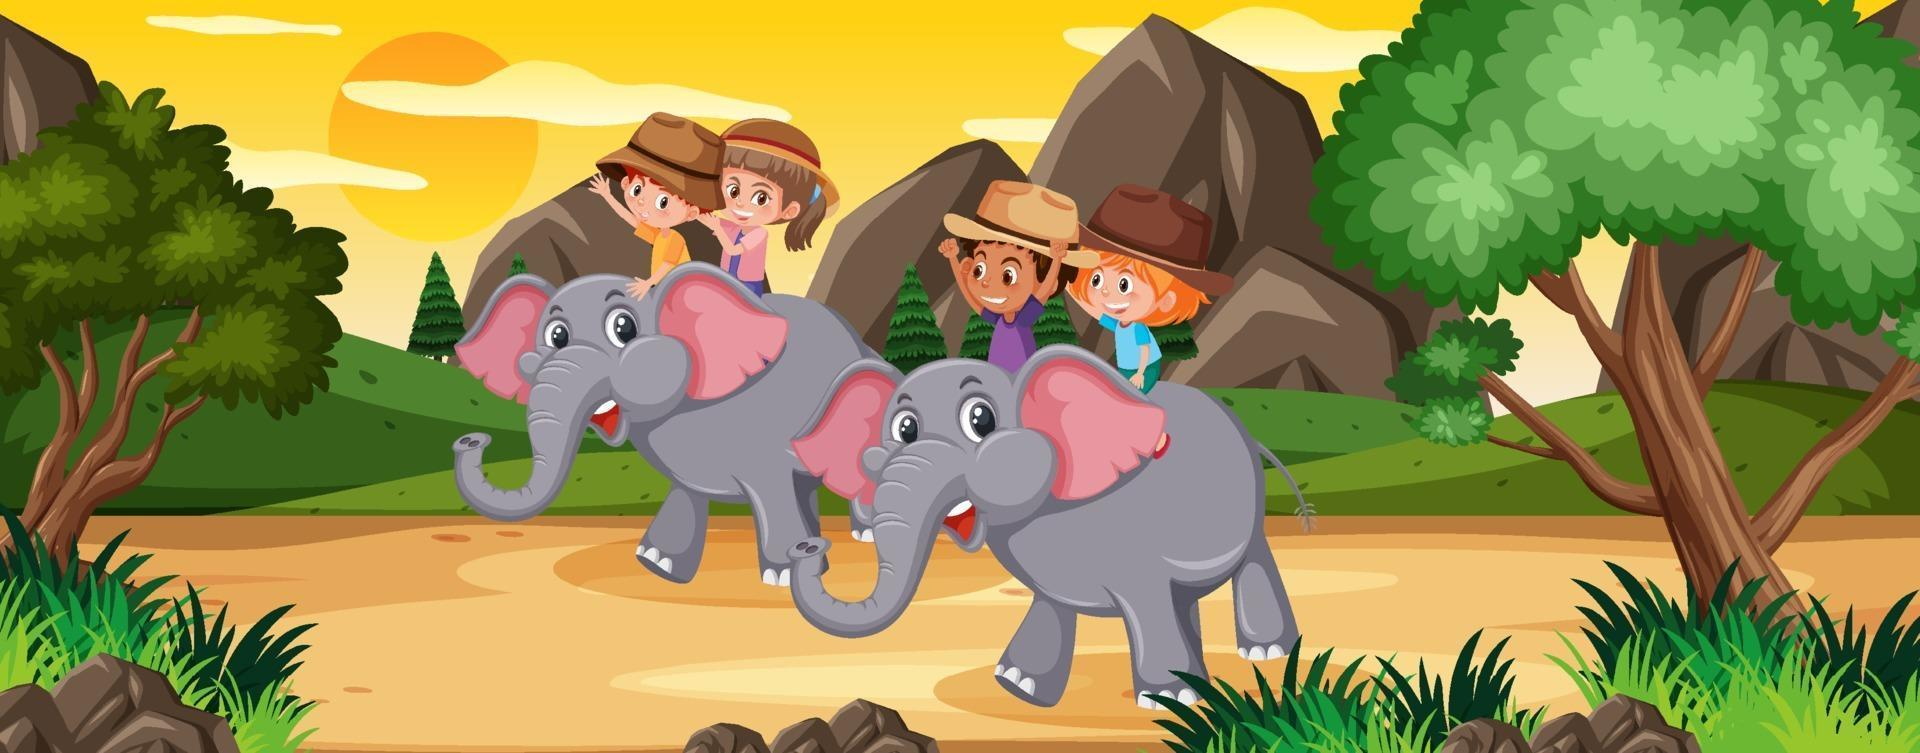 kinderen rijden olifant in de natuur vector